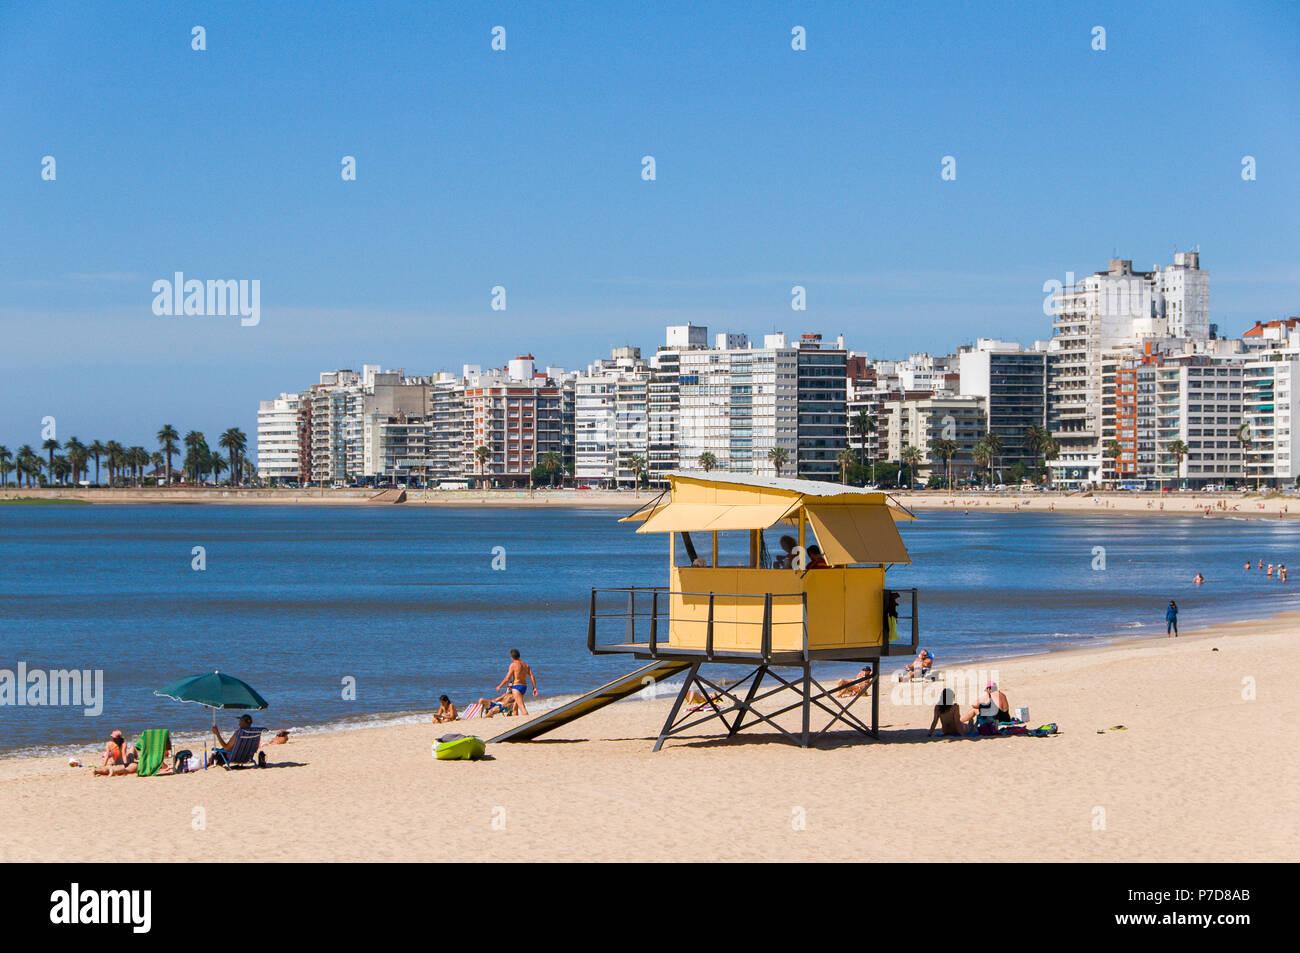 Bañistas en la playa de la ciudad, la torre de socorrista y rascacielos en Montevideo, Uruguay. Imagen De Stock